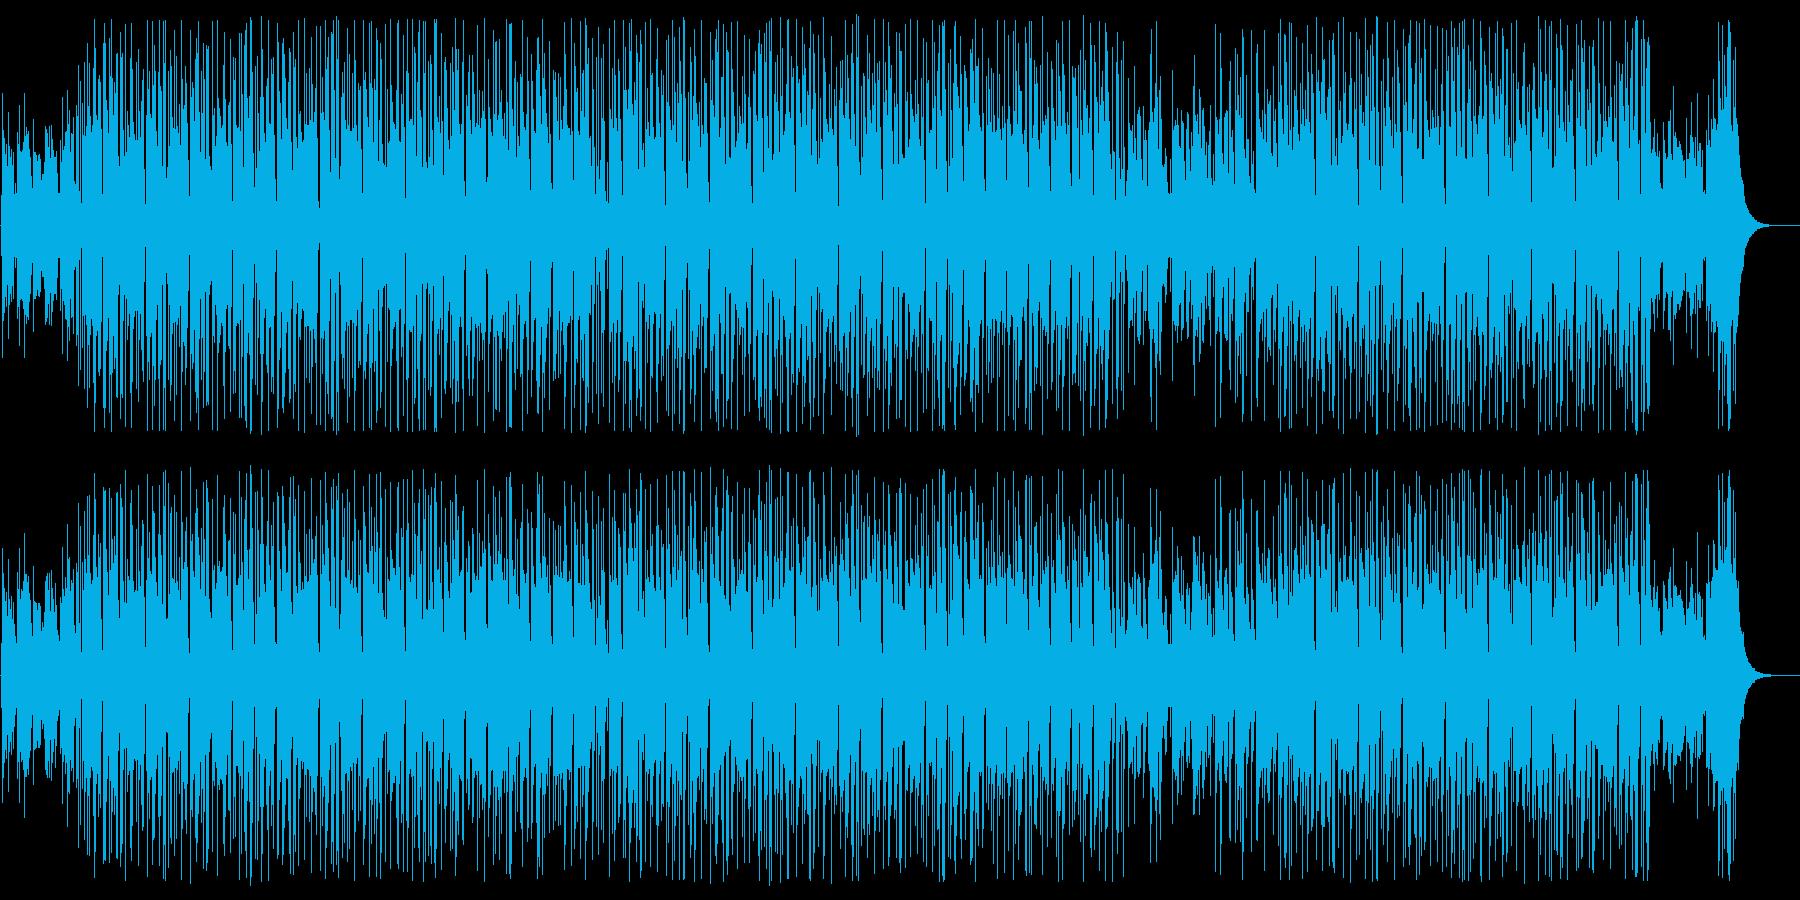 【動物用】すやすや眠るハムスターの歌の再生済みの波形